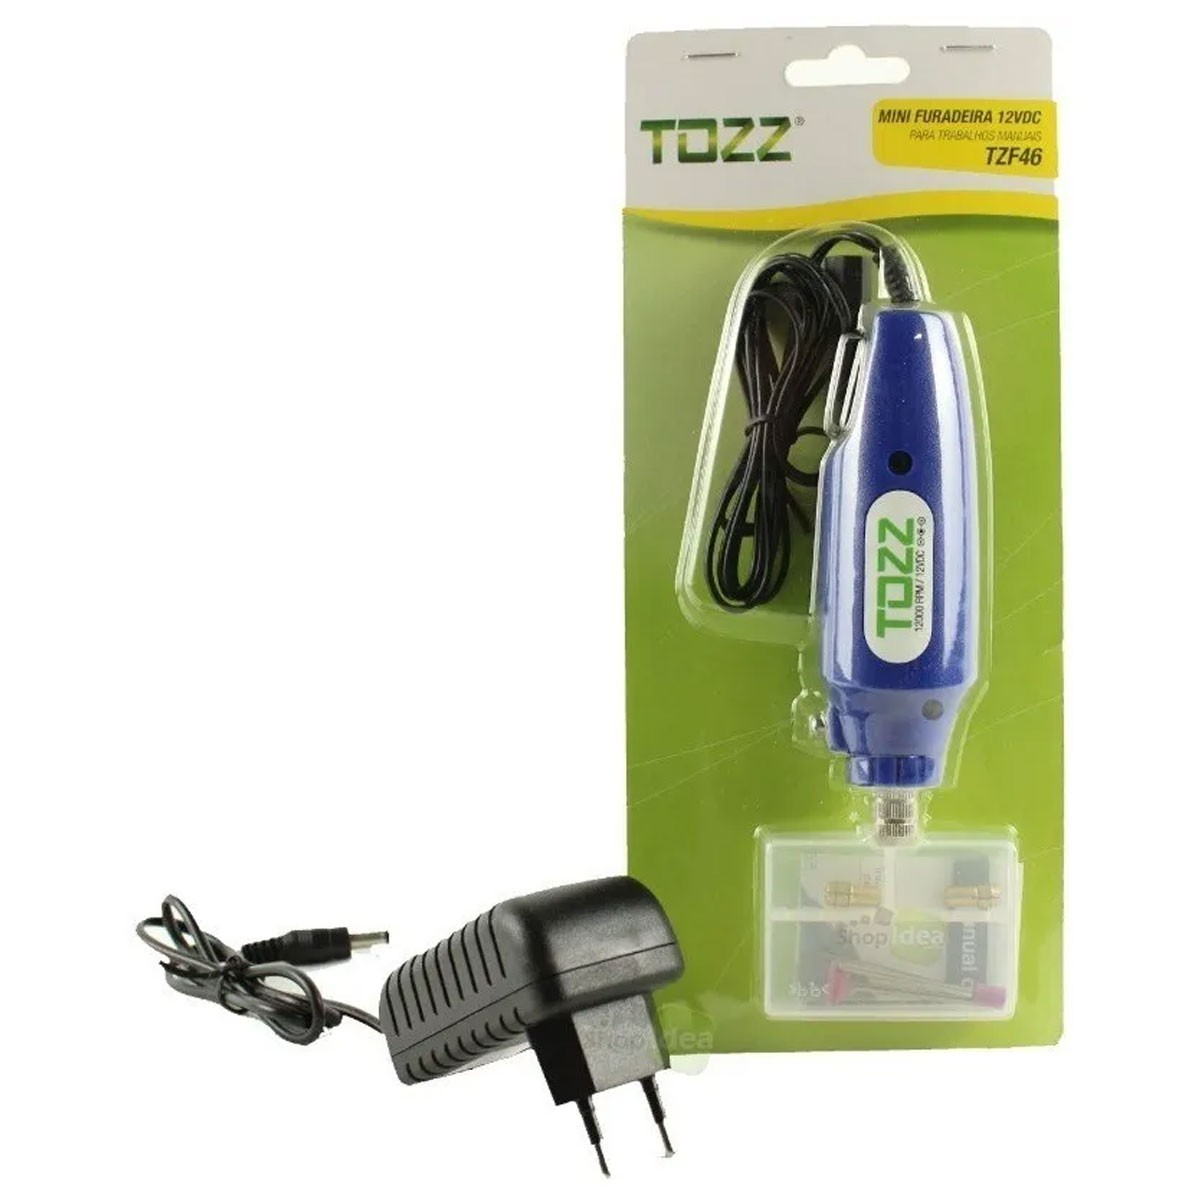 Mini Furadeira Drill Retifica com Acessórios para Artesanato, furar Placa de Circuito Impresso + Fonte